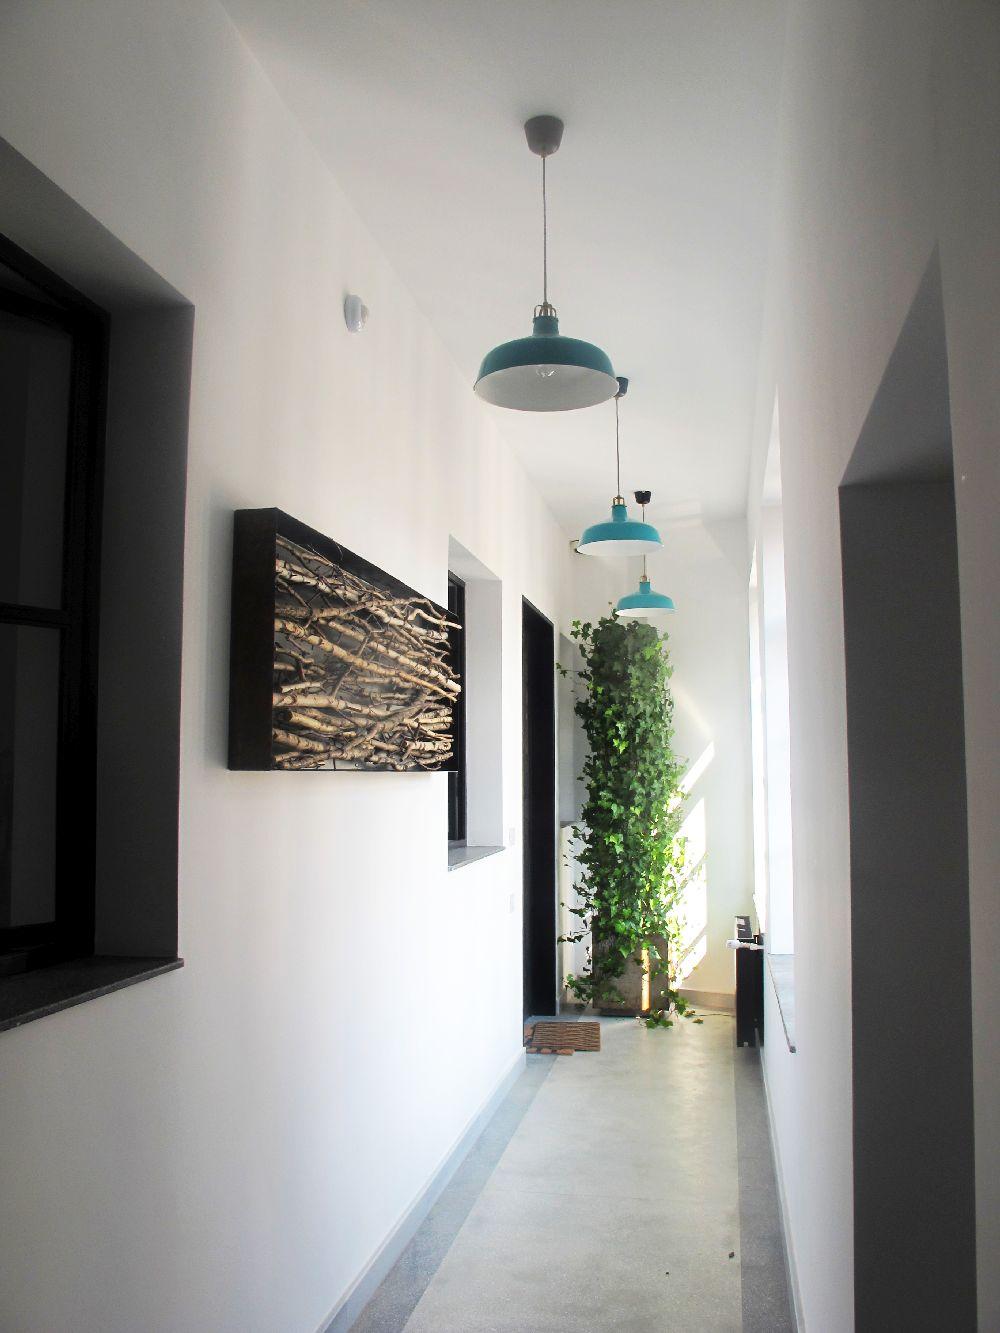 adelaparvu.com despre atelierul designerului florist Nicu Bocancea, Foraria Iris, design interior Pascal Delmotte (53)